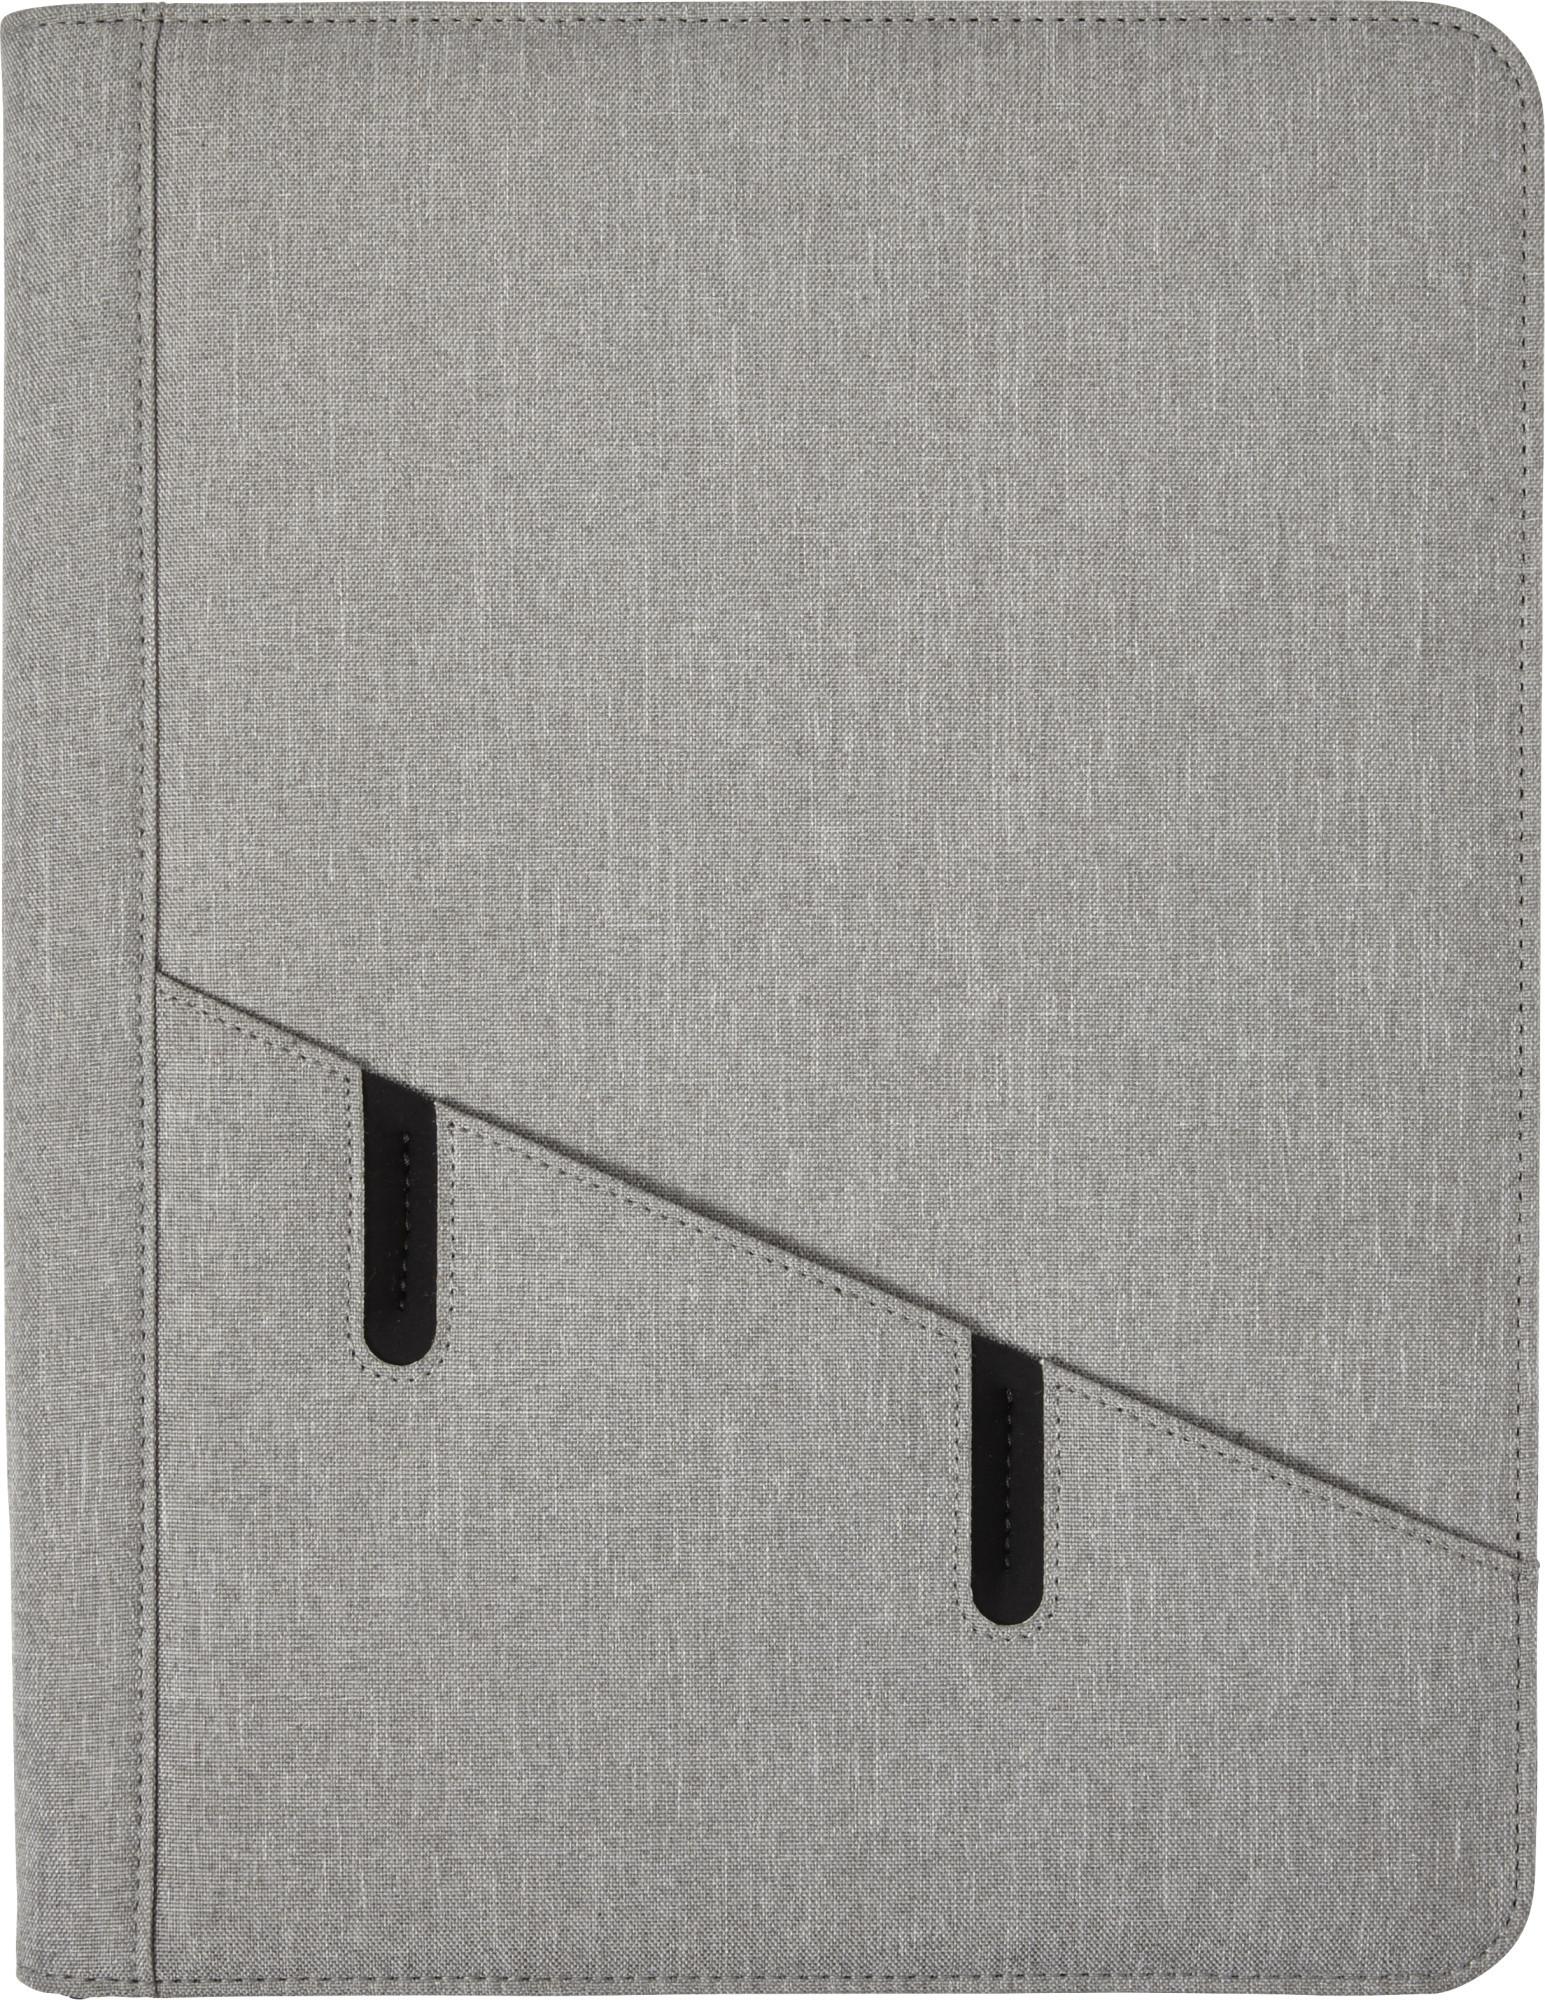 Conférencier A4 zippé en polyester - 19-1243-12